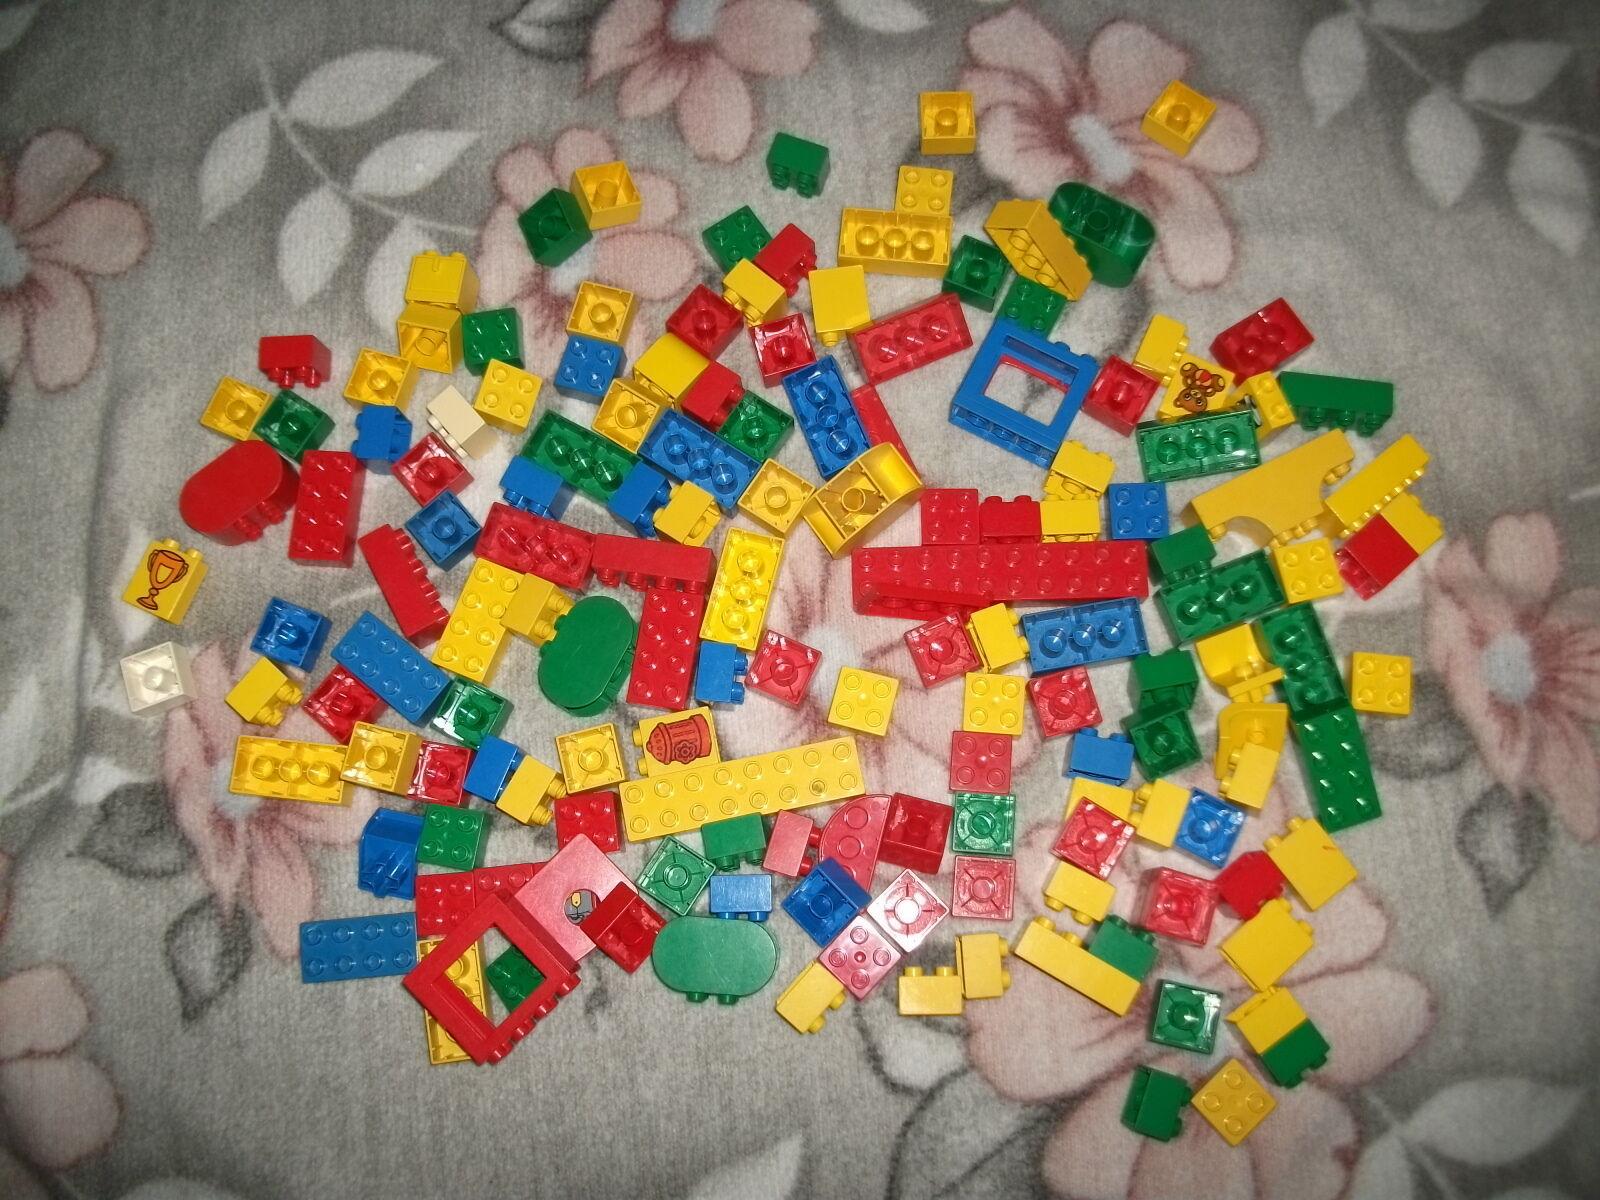 Duplo viele Steine bunt gemischt gemischt gemischt Figuren Auto Hubschrauber Wohnwagen 22cc14